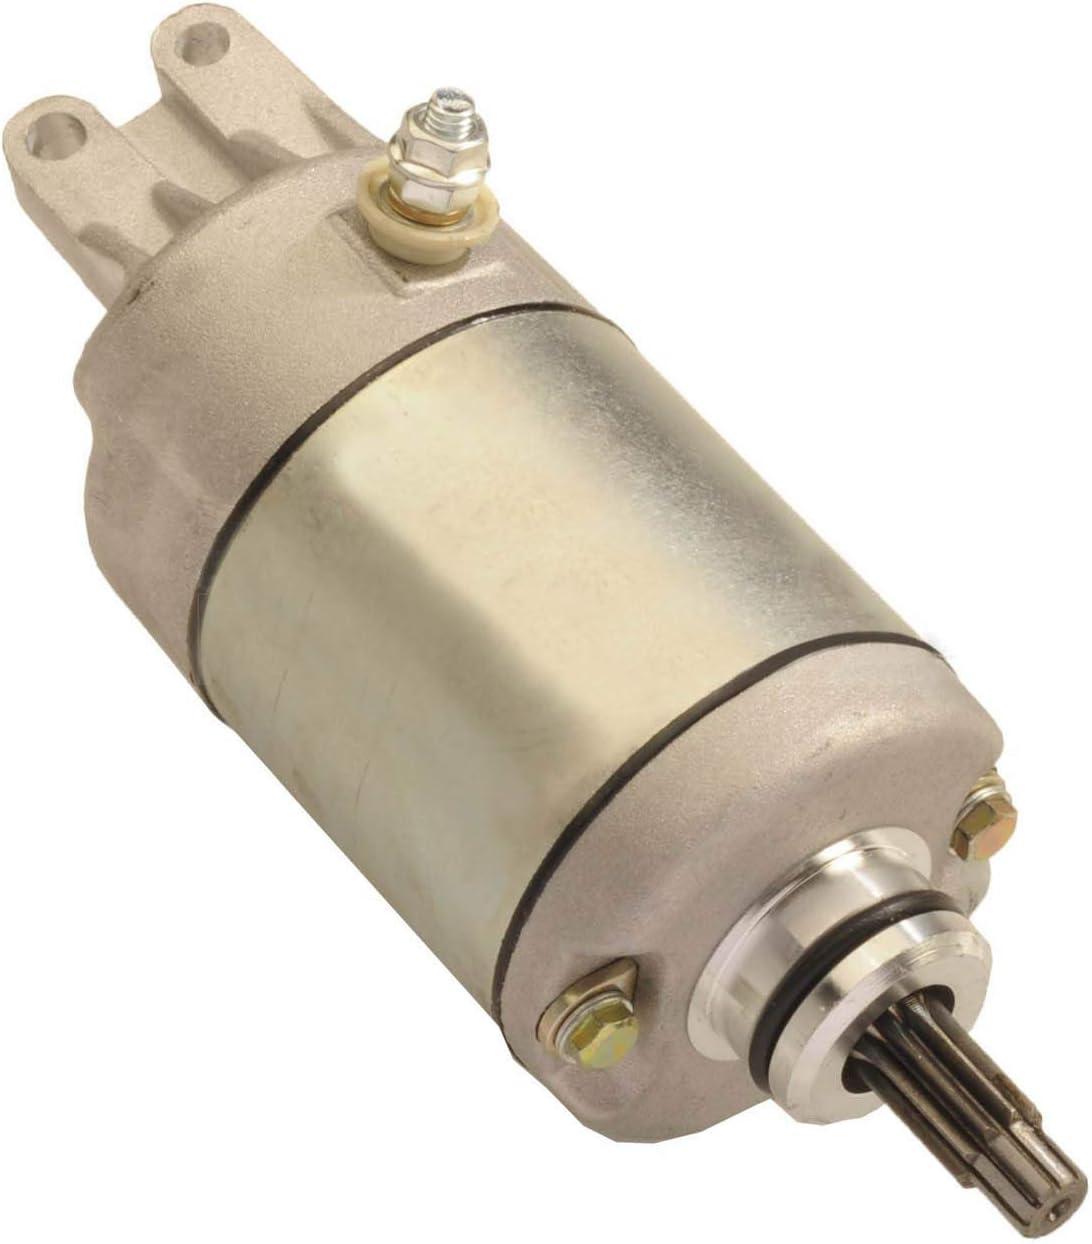 Honda ATV Motor de arranque 31200-hm7 – 003 31200-hm7-a41 TRX ...